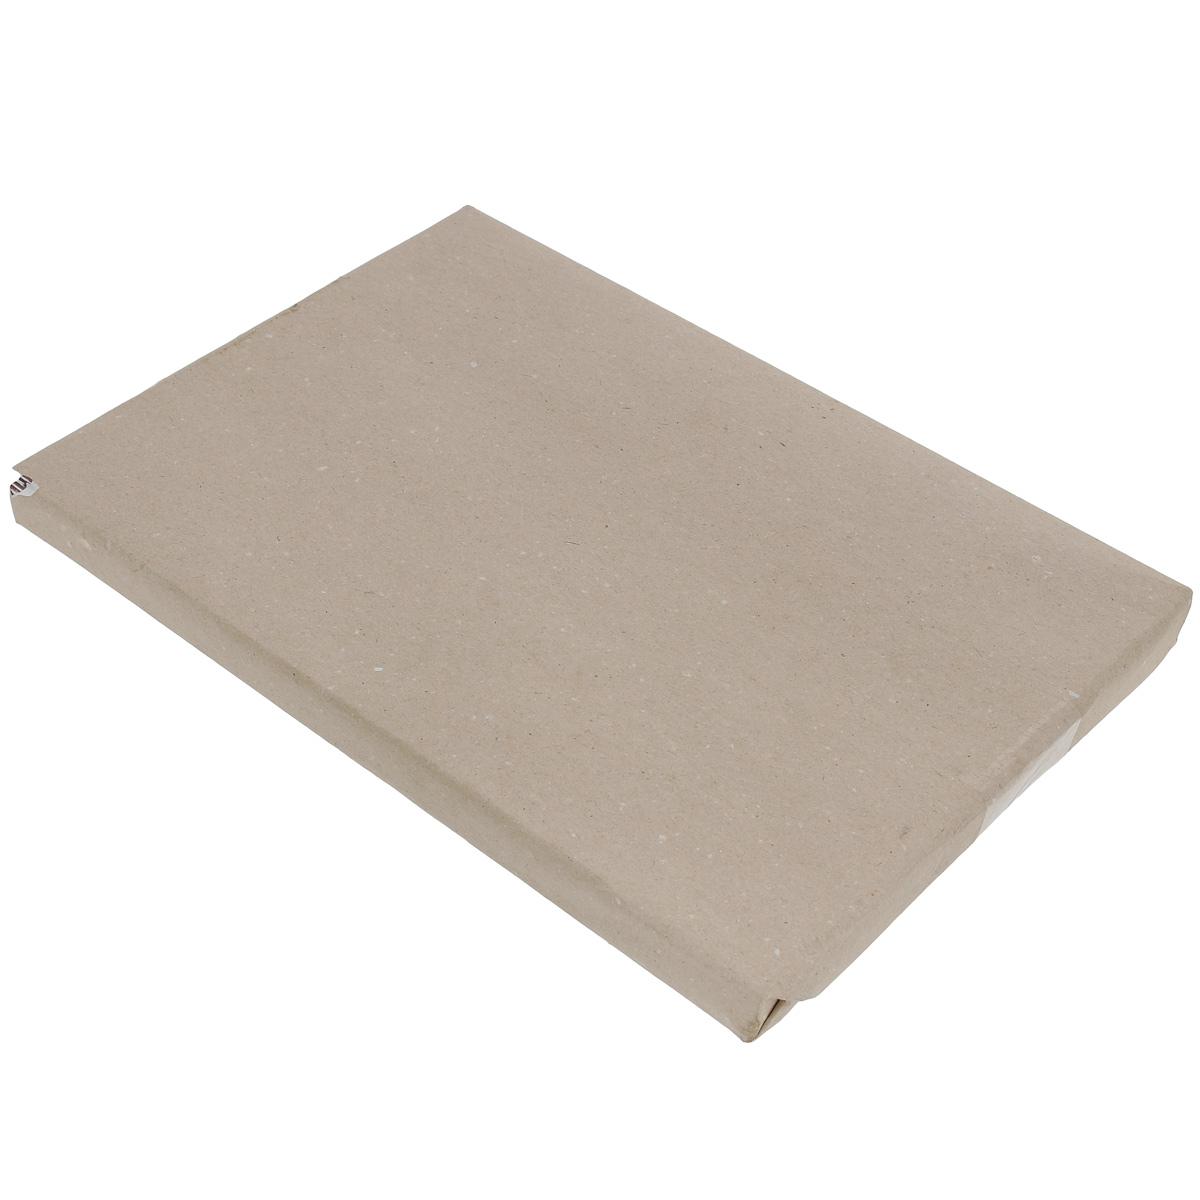 Бумага для черчения Гознак, 100 листов, формат А4. БЧ-0552БЧ-0552Бумага для черчения Гознак идеально подходит для любых чертежно-графических работ. Высококачественная бумага пригодна как для работы тушью, так и карандашами, допускает пользование ластиком. Поверхность бумаги после многократных подчисток ластиком не скатывается под карандашом и сохраняет свою белизну. В комплекте 100 листов формата А4. Рекомендуем!